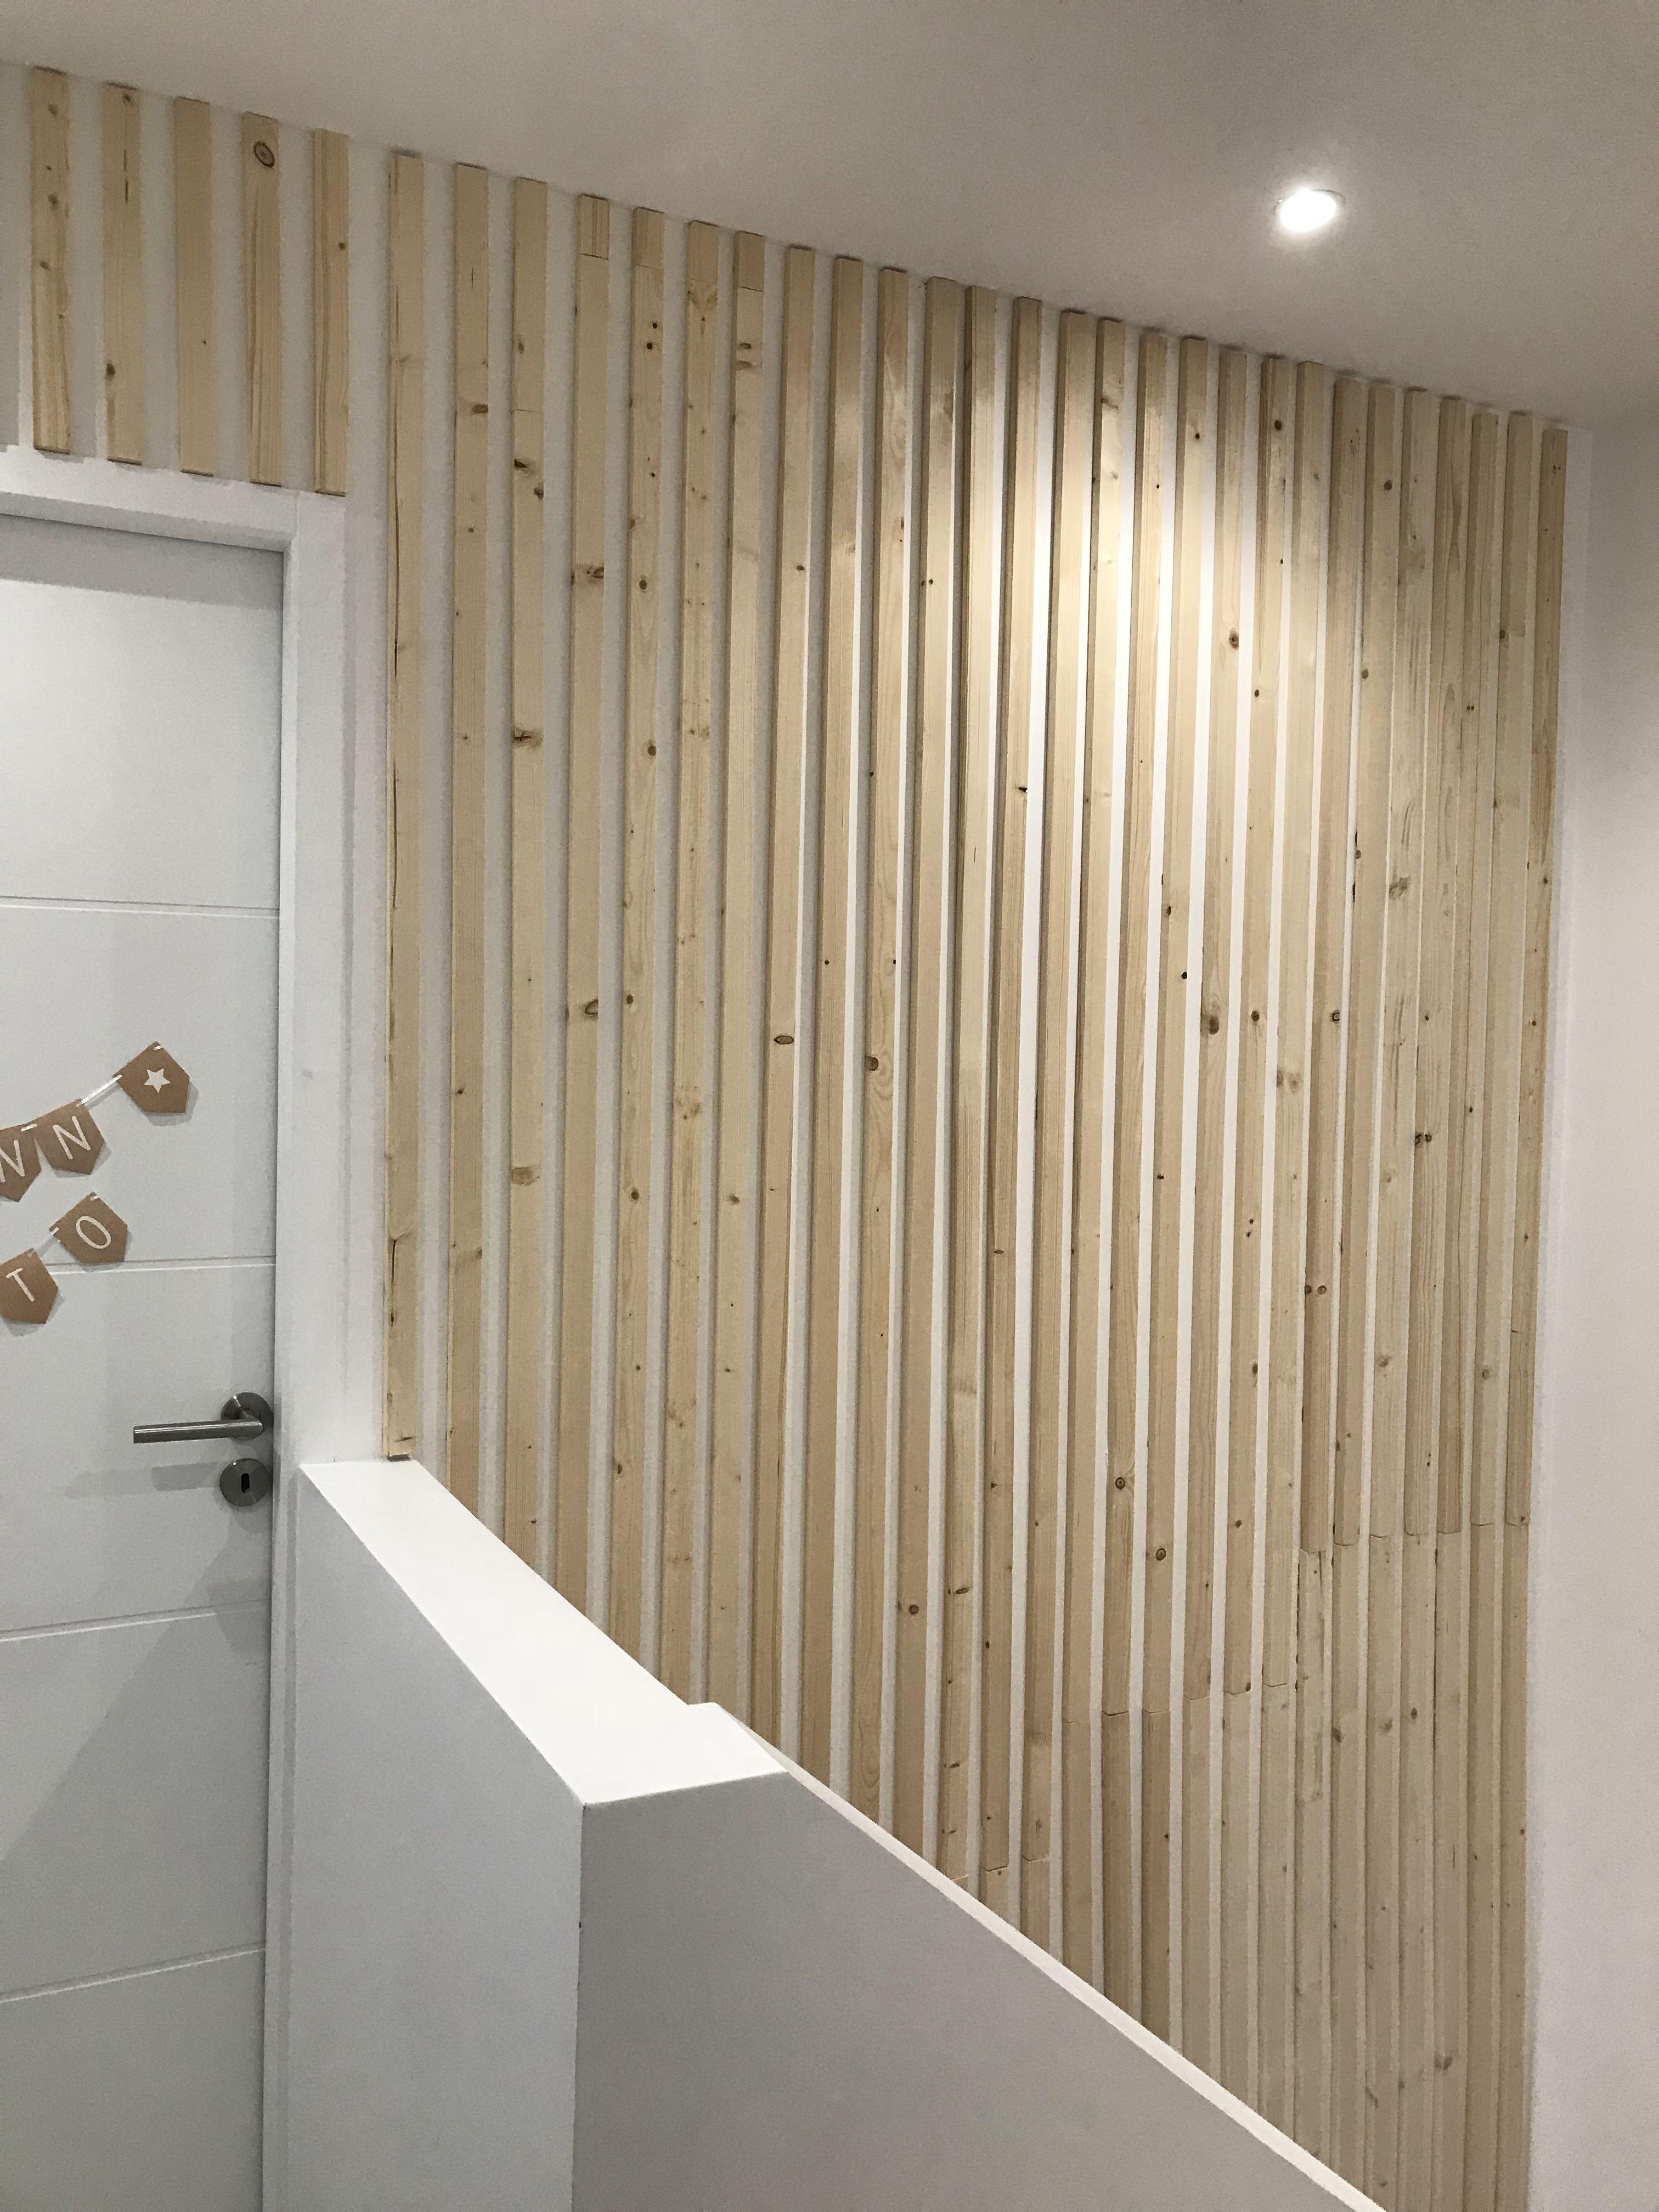 Idee Habillage Mur Interieur idée par ewe sw sur domowe | bardage bois intérieur, tasseau